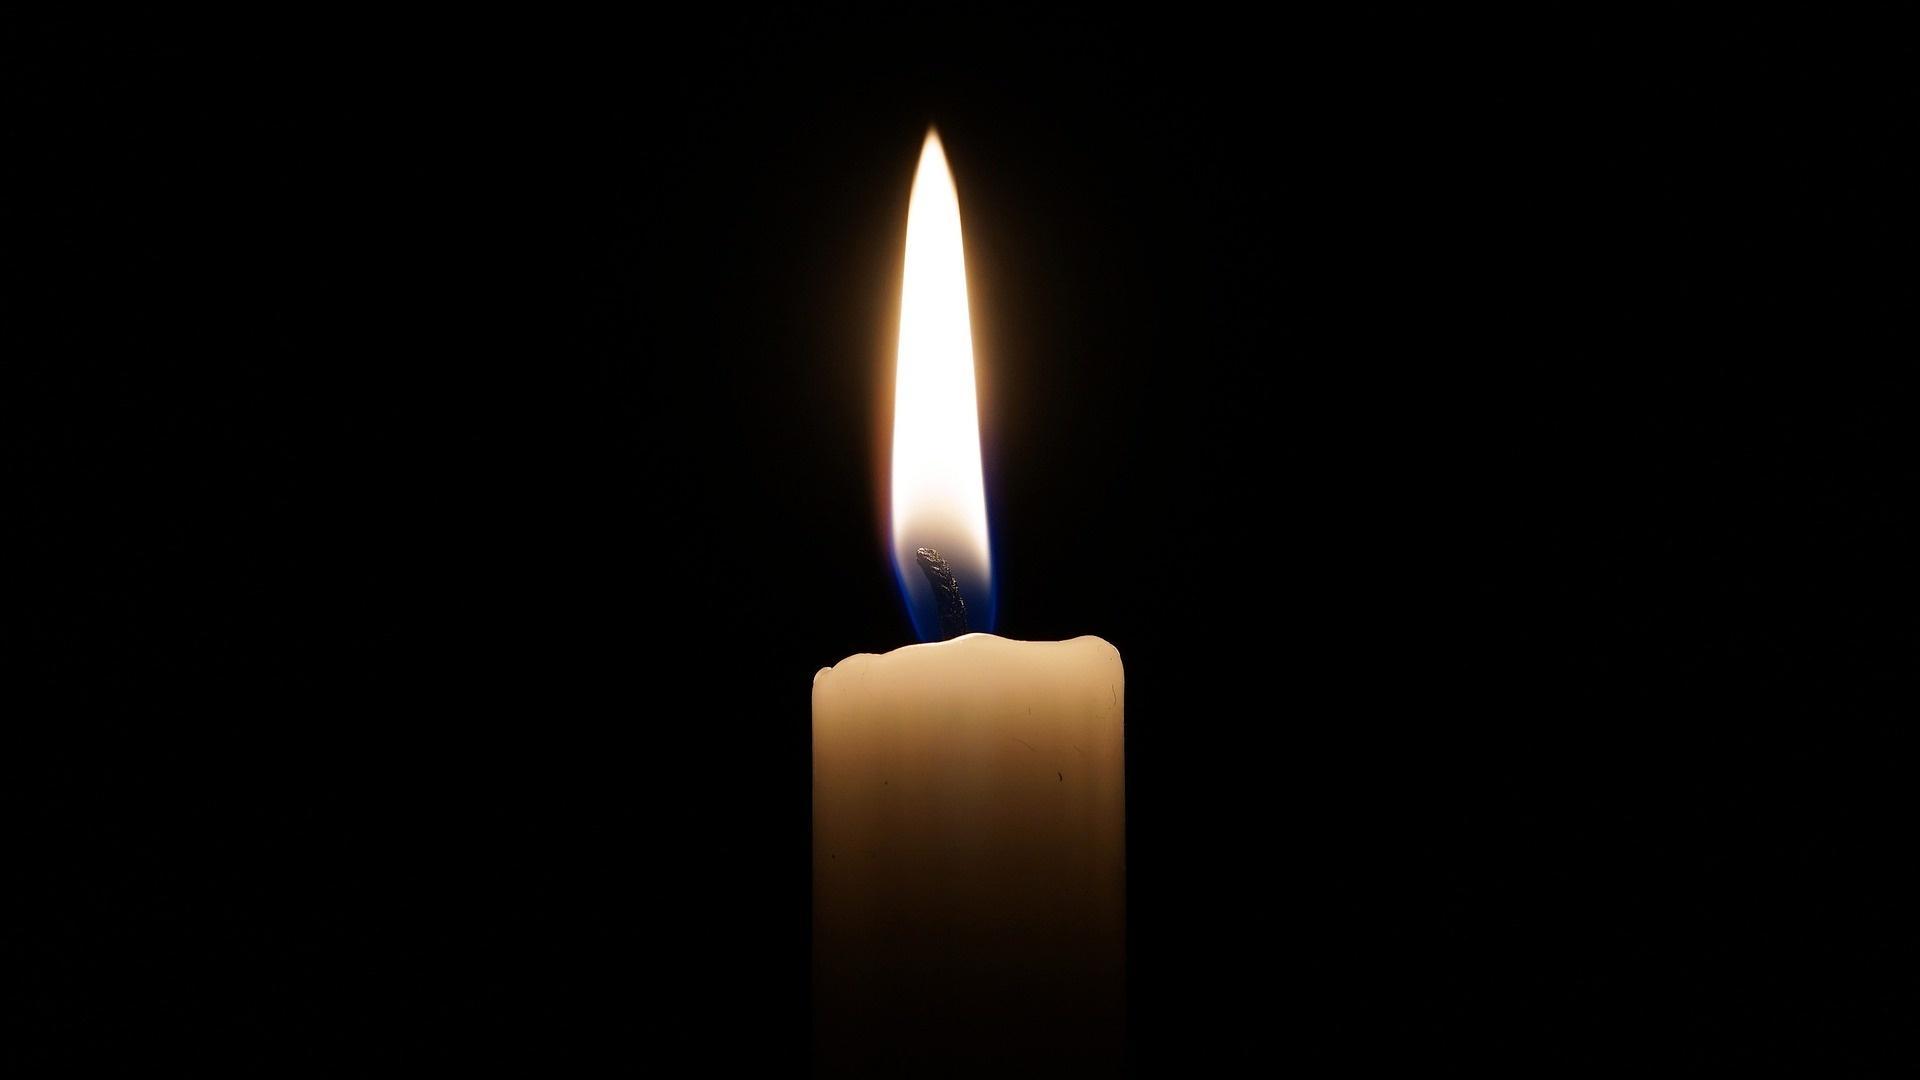 Kerzenwachs schmelzen lassen - so geht's am besten